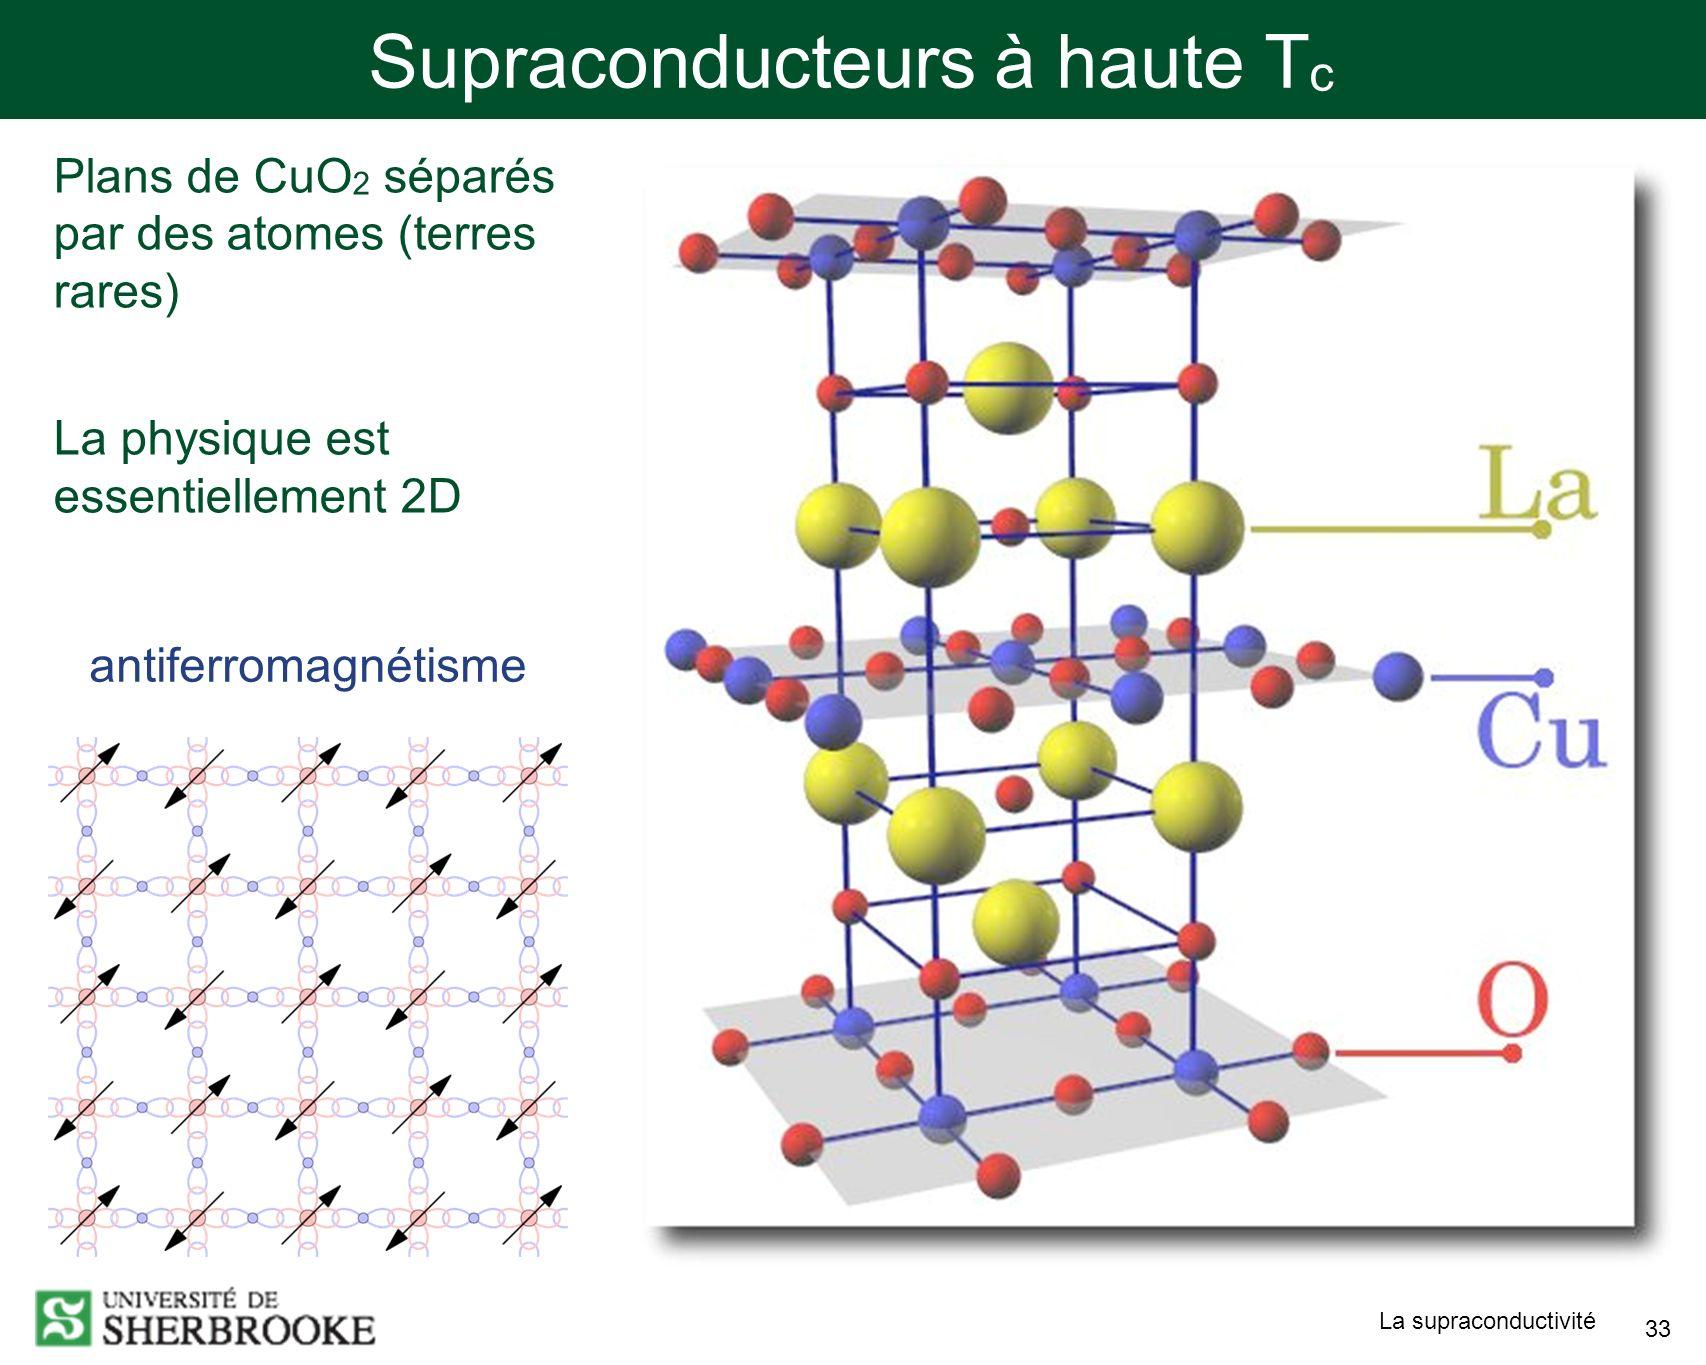 La supraconductivité 33 Supraconducteurs à haute T c Plans de CuO 2 séparés par des atomes (terres rares) La physique est essentiellement 2D antiferromagnétisme